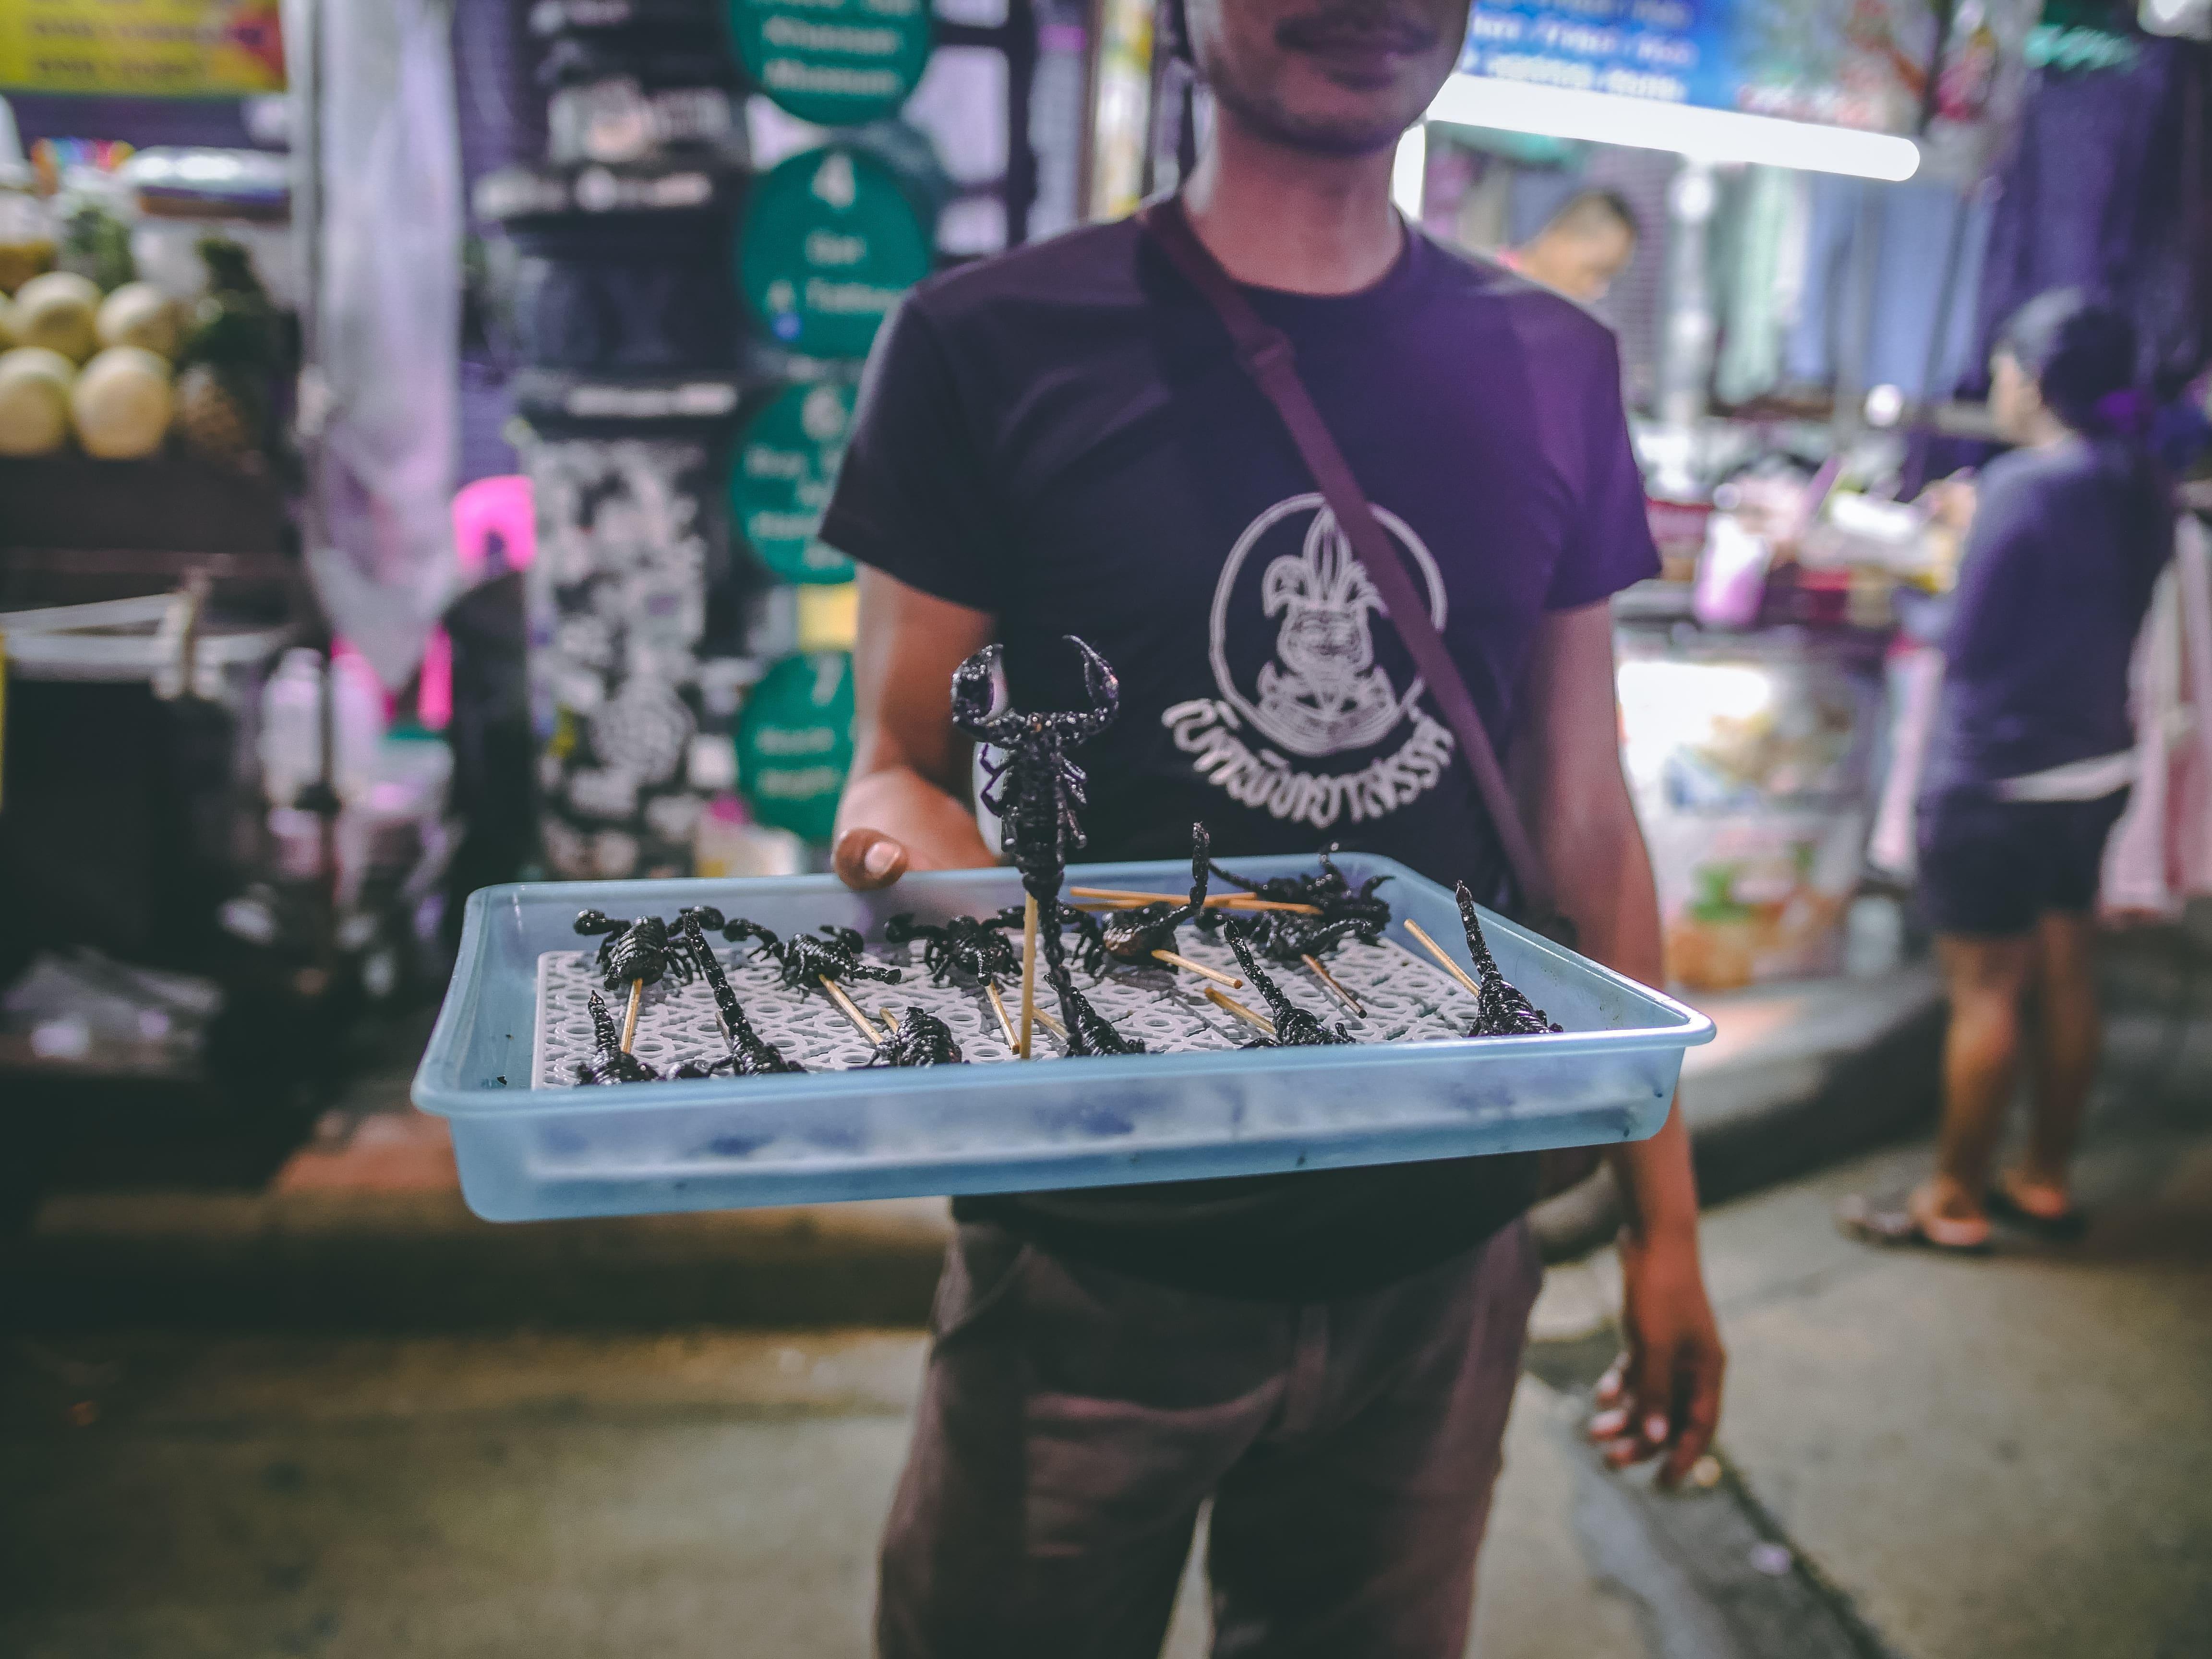 scorpions-vendor-simon-shim-unsplash